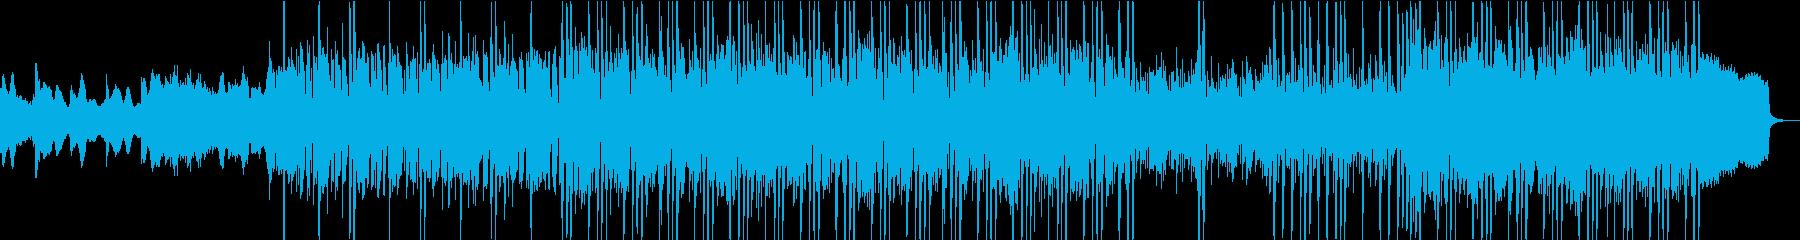 淡々と進行するギター・ピアノインストの再生済みの波形